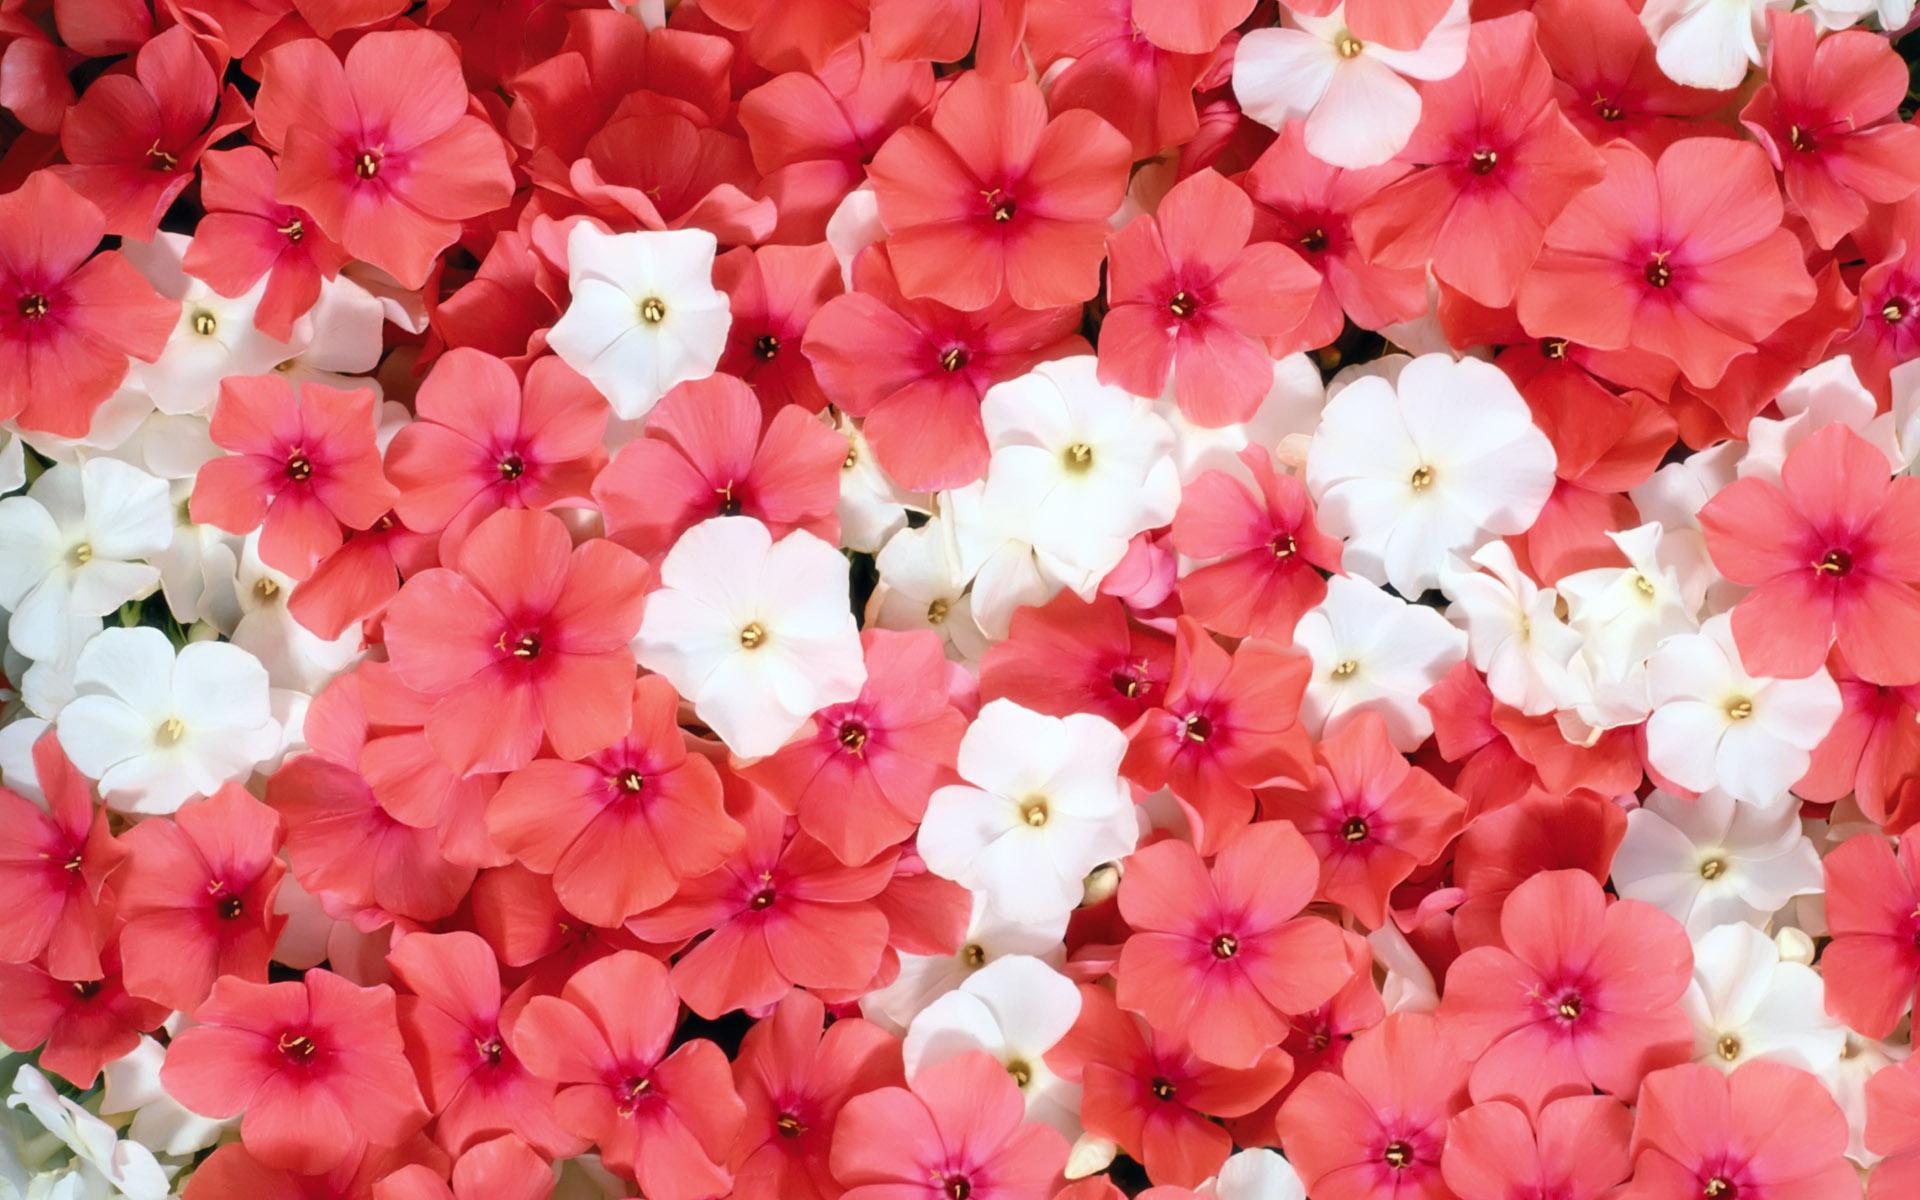 Two pink flowers wallpaper wallpaper free download 1920x1200 mightylinksfo